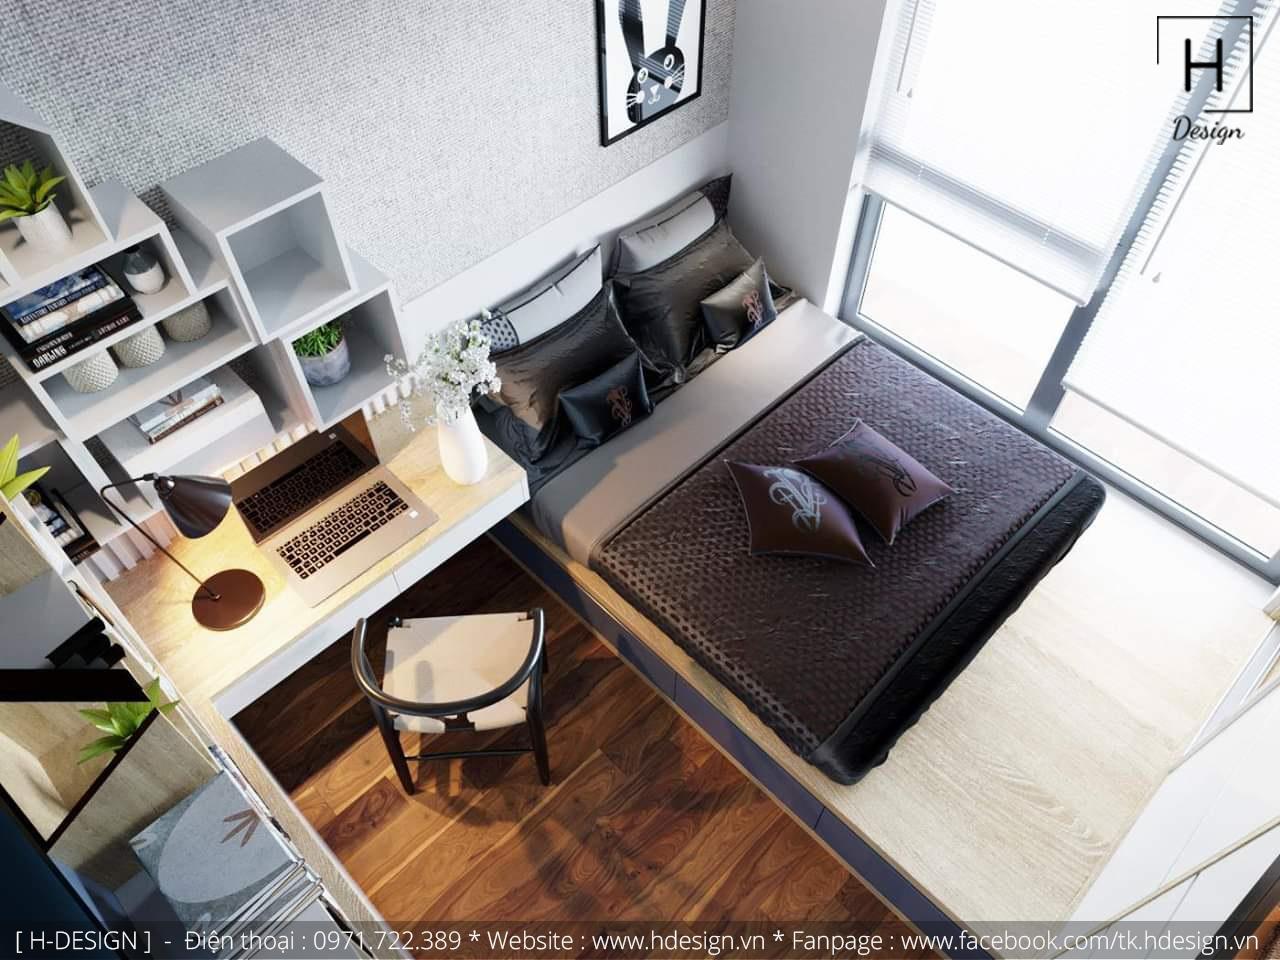 Thiết kế thi công nội thất phòng ngủ căn hộ chung cư 2 phòng ngủ đẹp  3